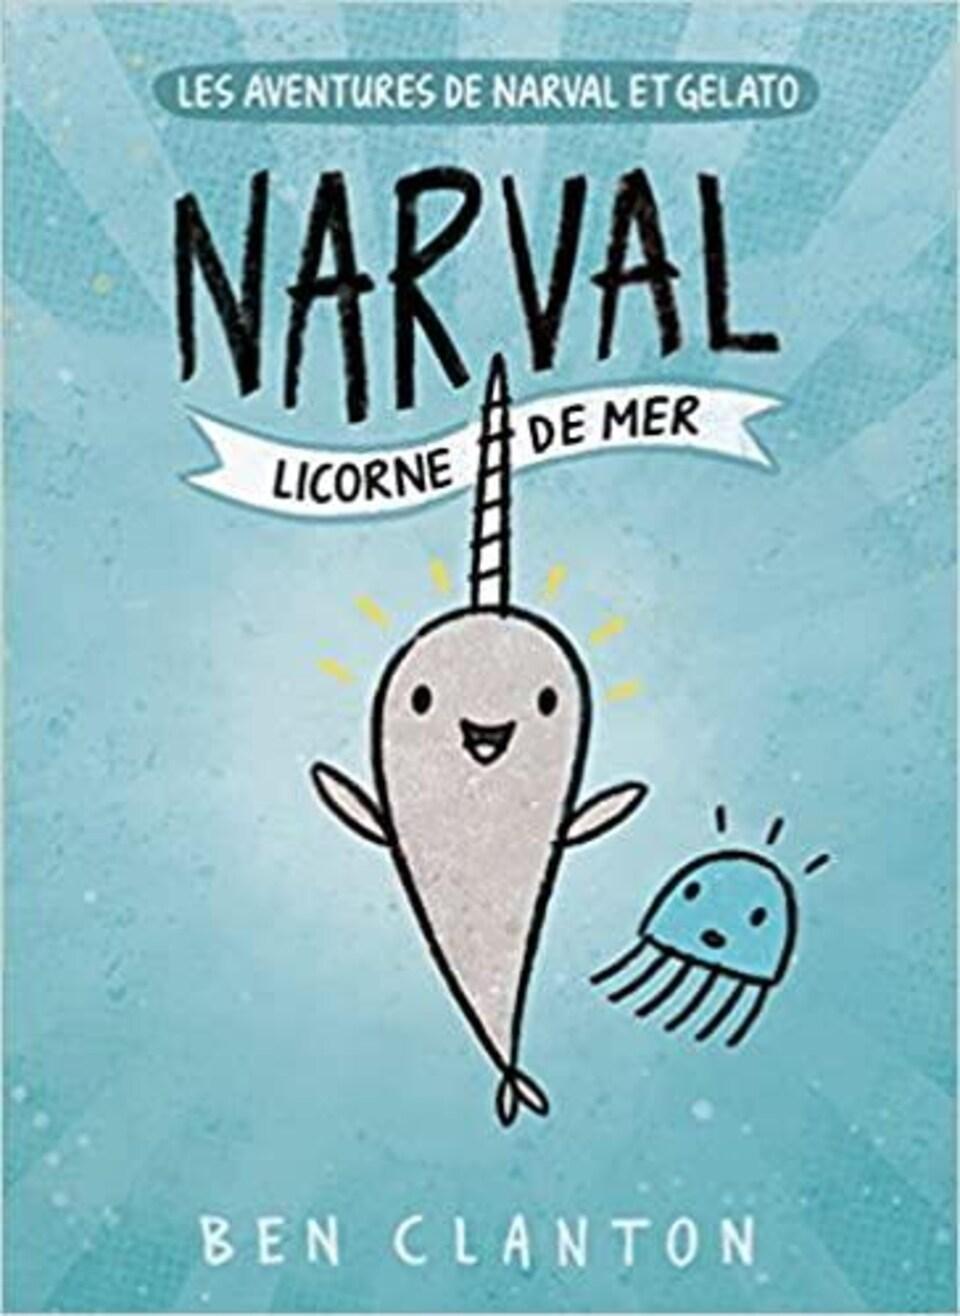 Image du livre Narval, une petite créature marine souriante, avec une corne sur le front